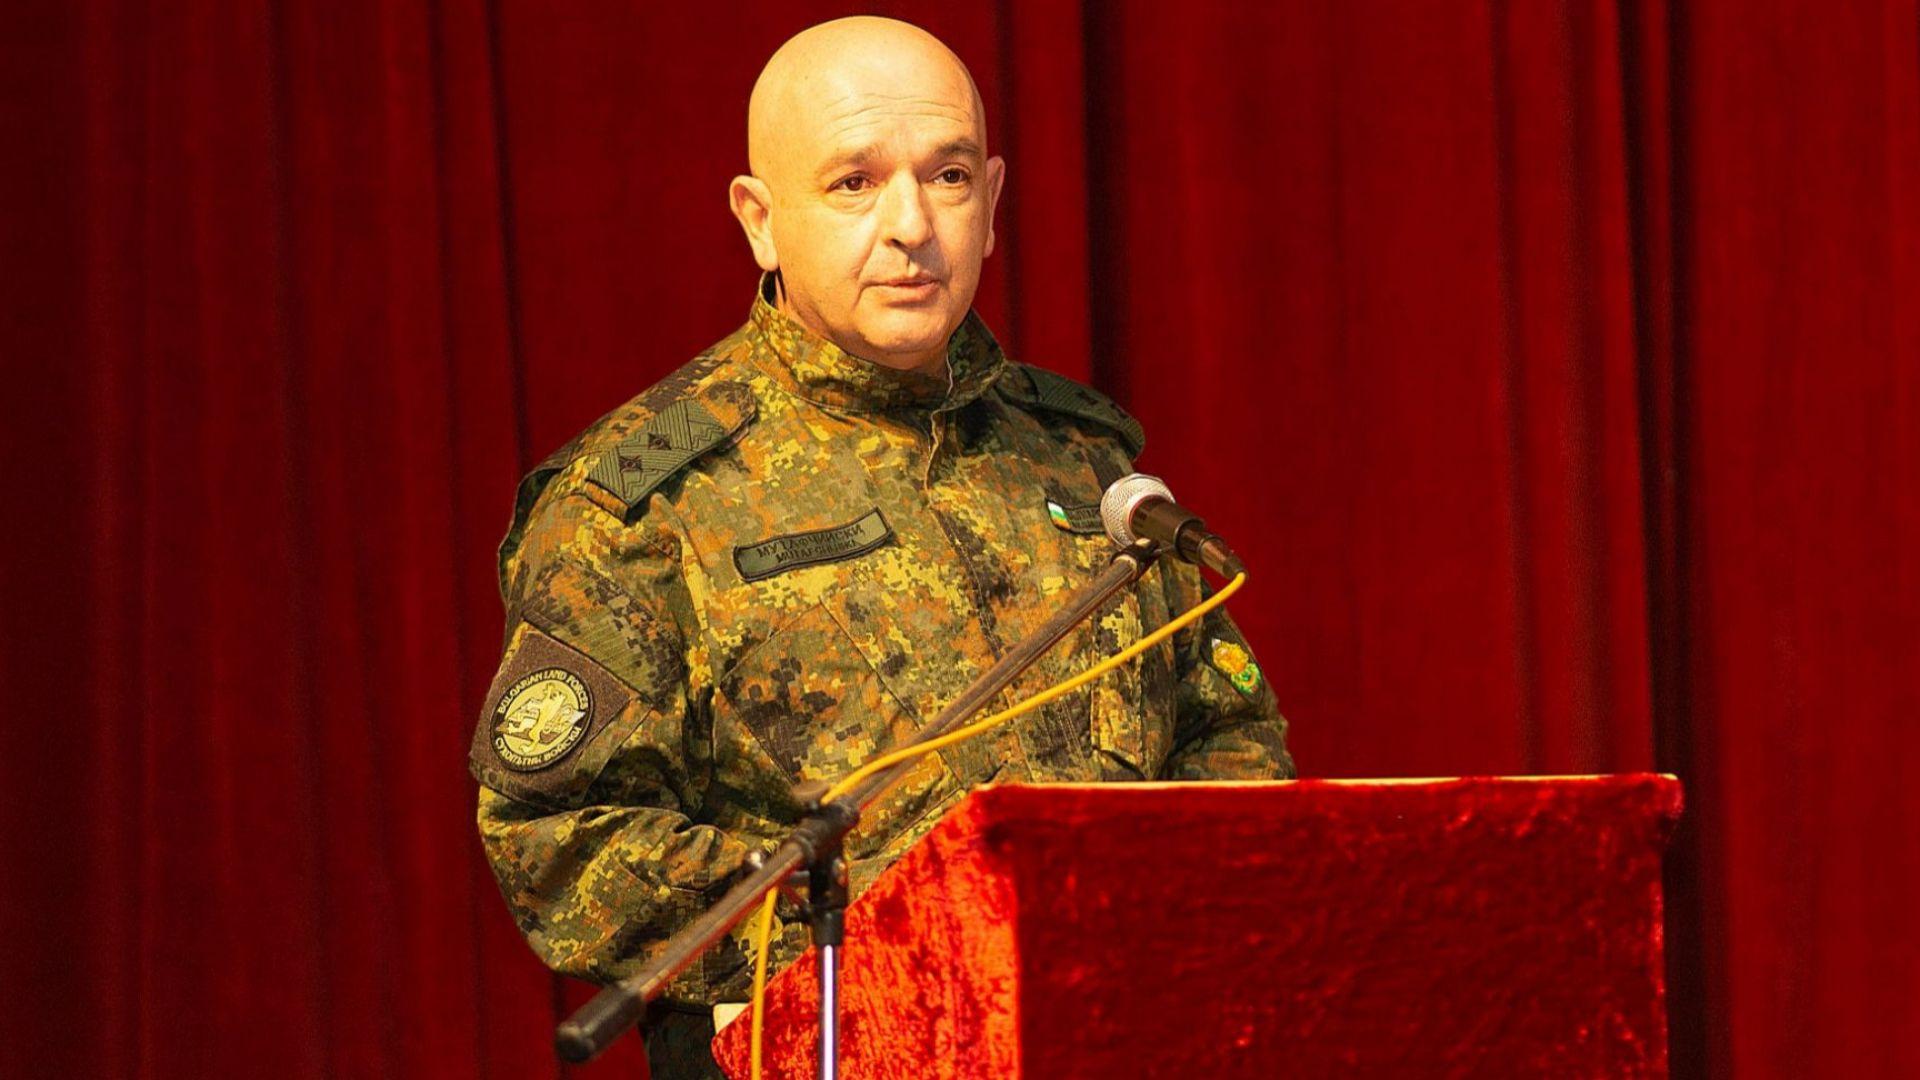 Ген. Мутафчийски подготвя армията за ваксинацията срещу Covid-19 (снимки)